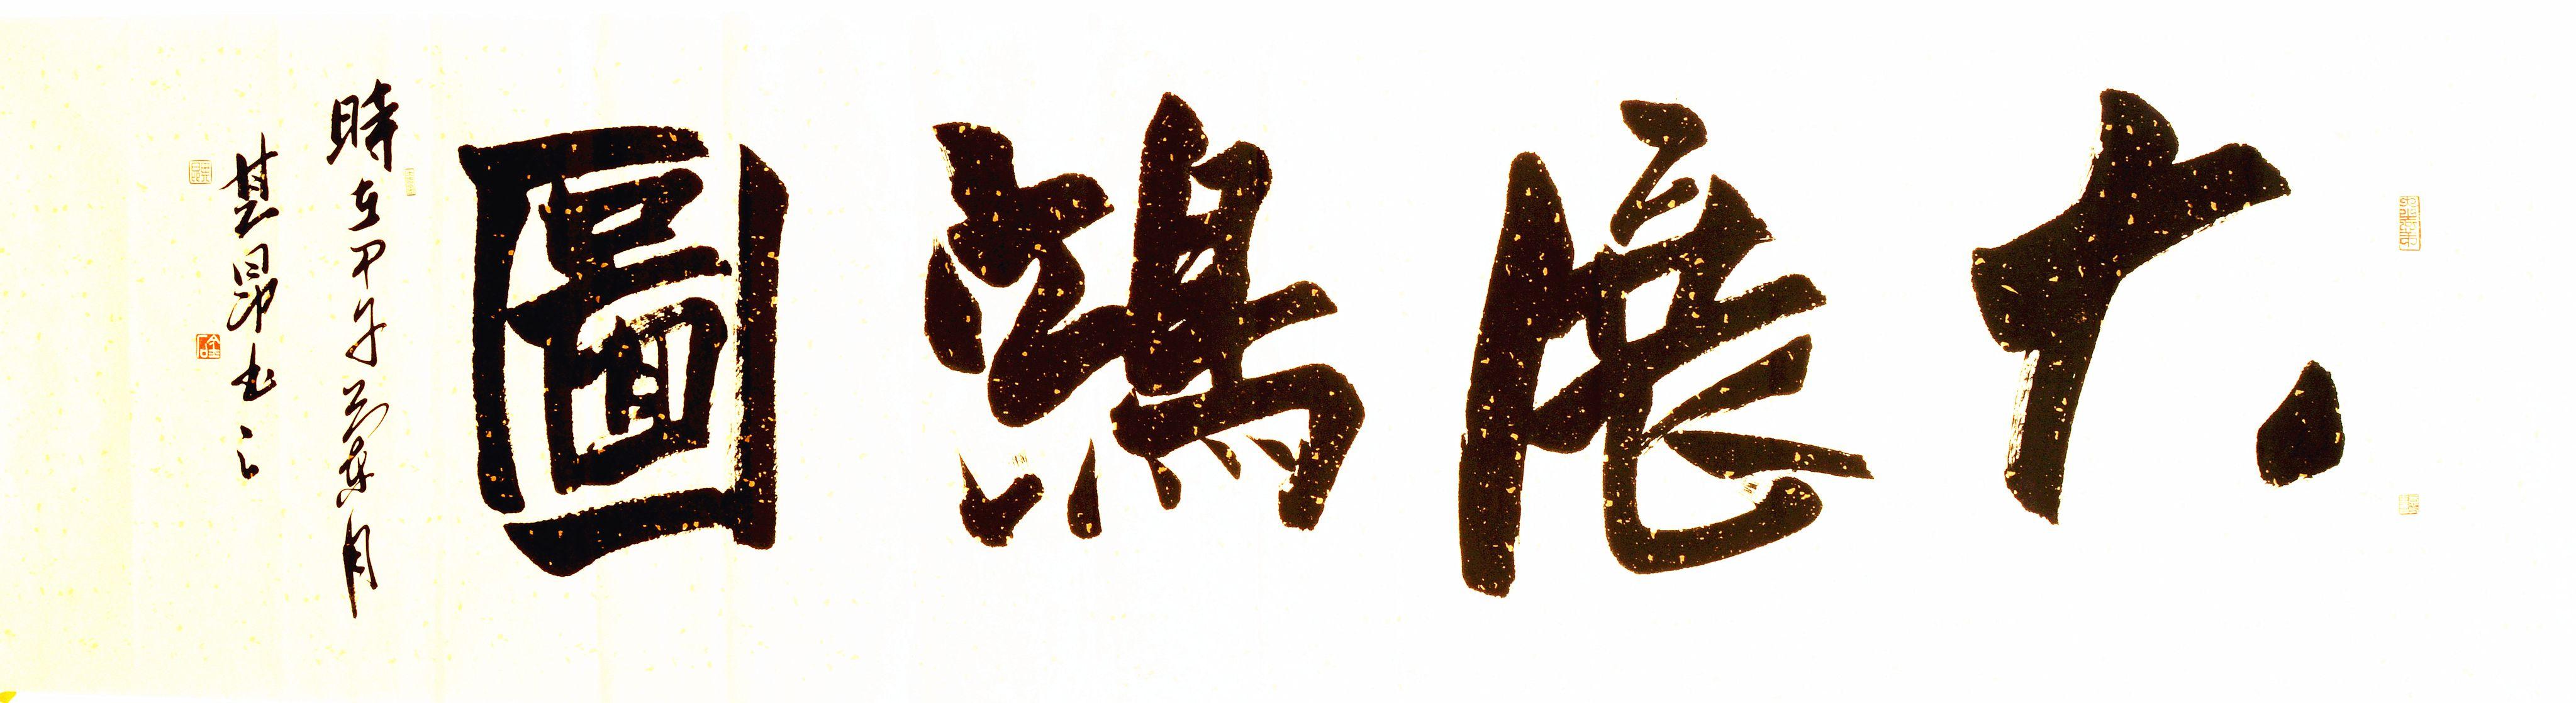 四字励志成语书法横幅标语图片